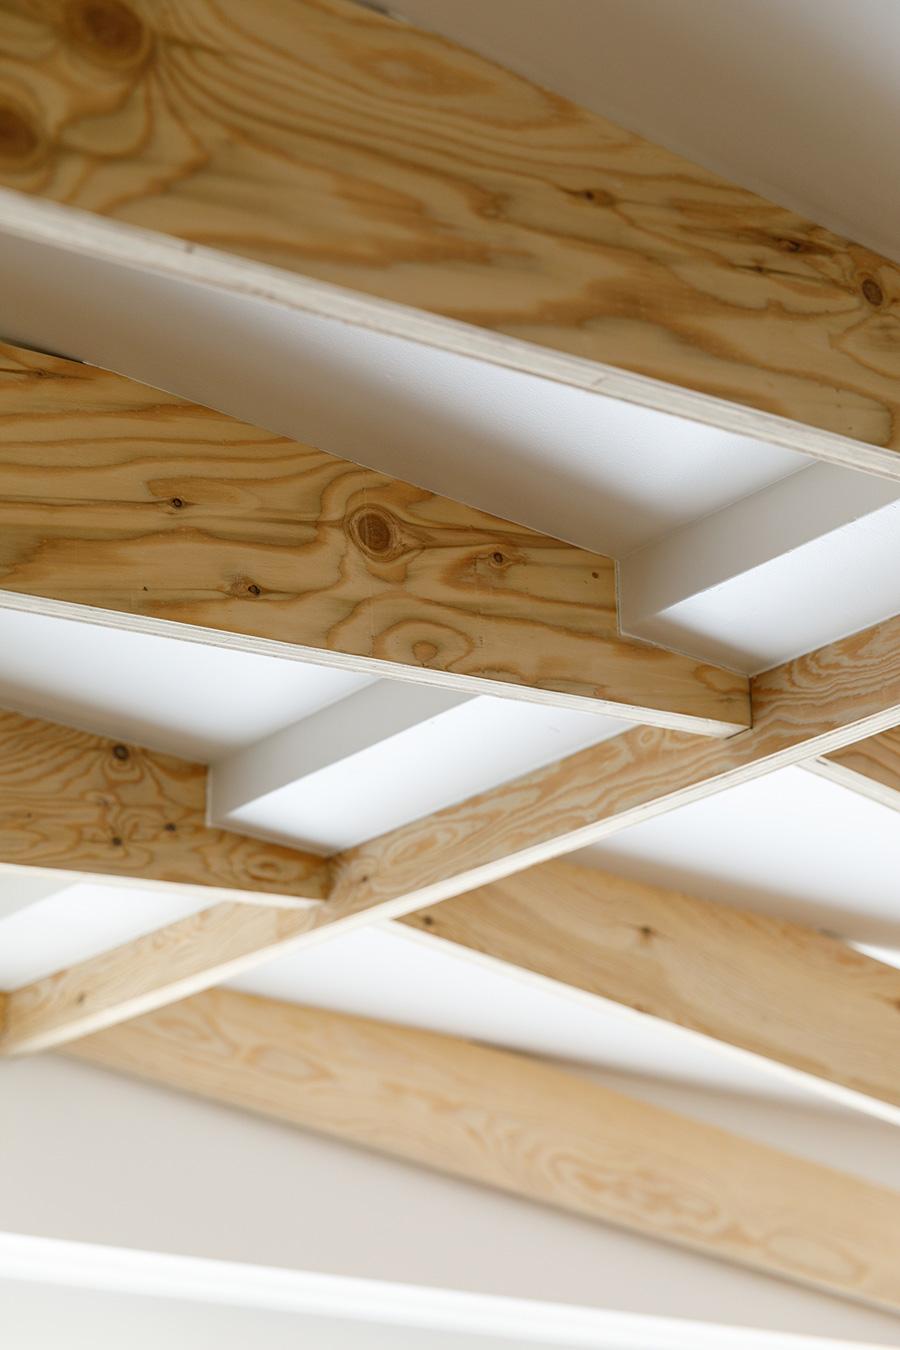 梁の材は、主に下地材として用いられるラーチ合板。「あえて少しラフな見た目のものを選んで、構造材らしさを出しました」と佐々木さん。